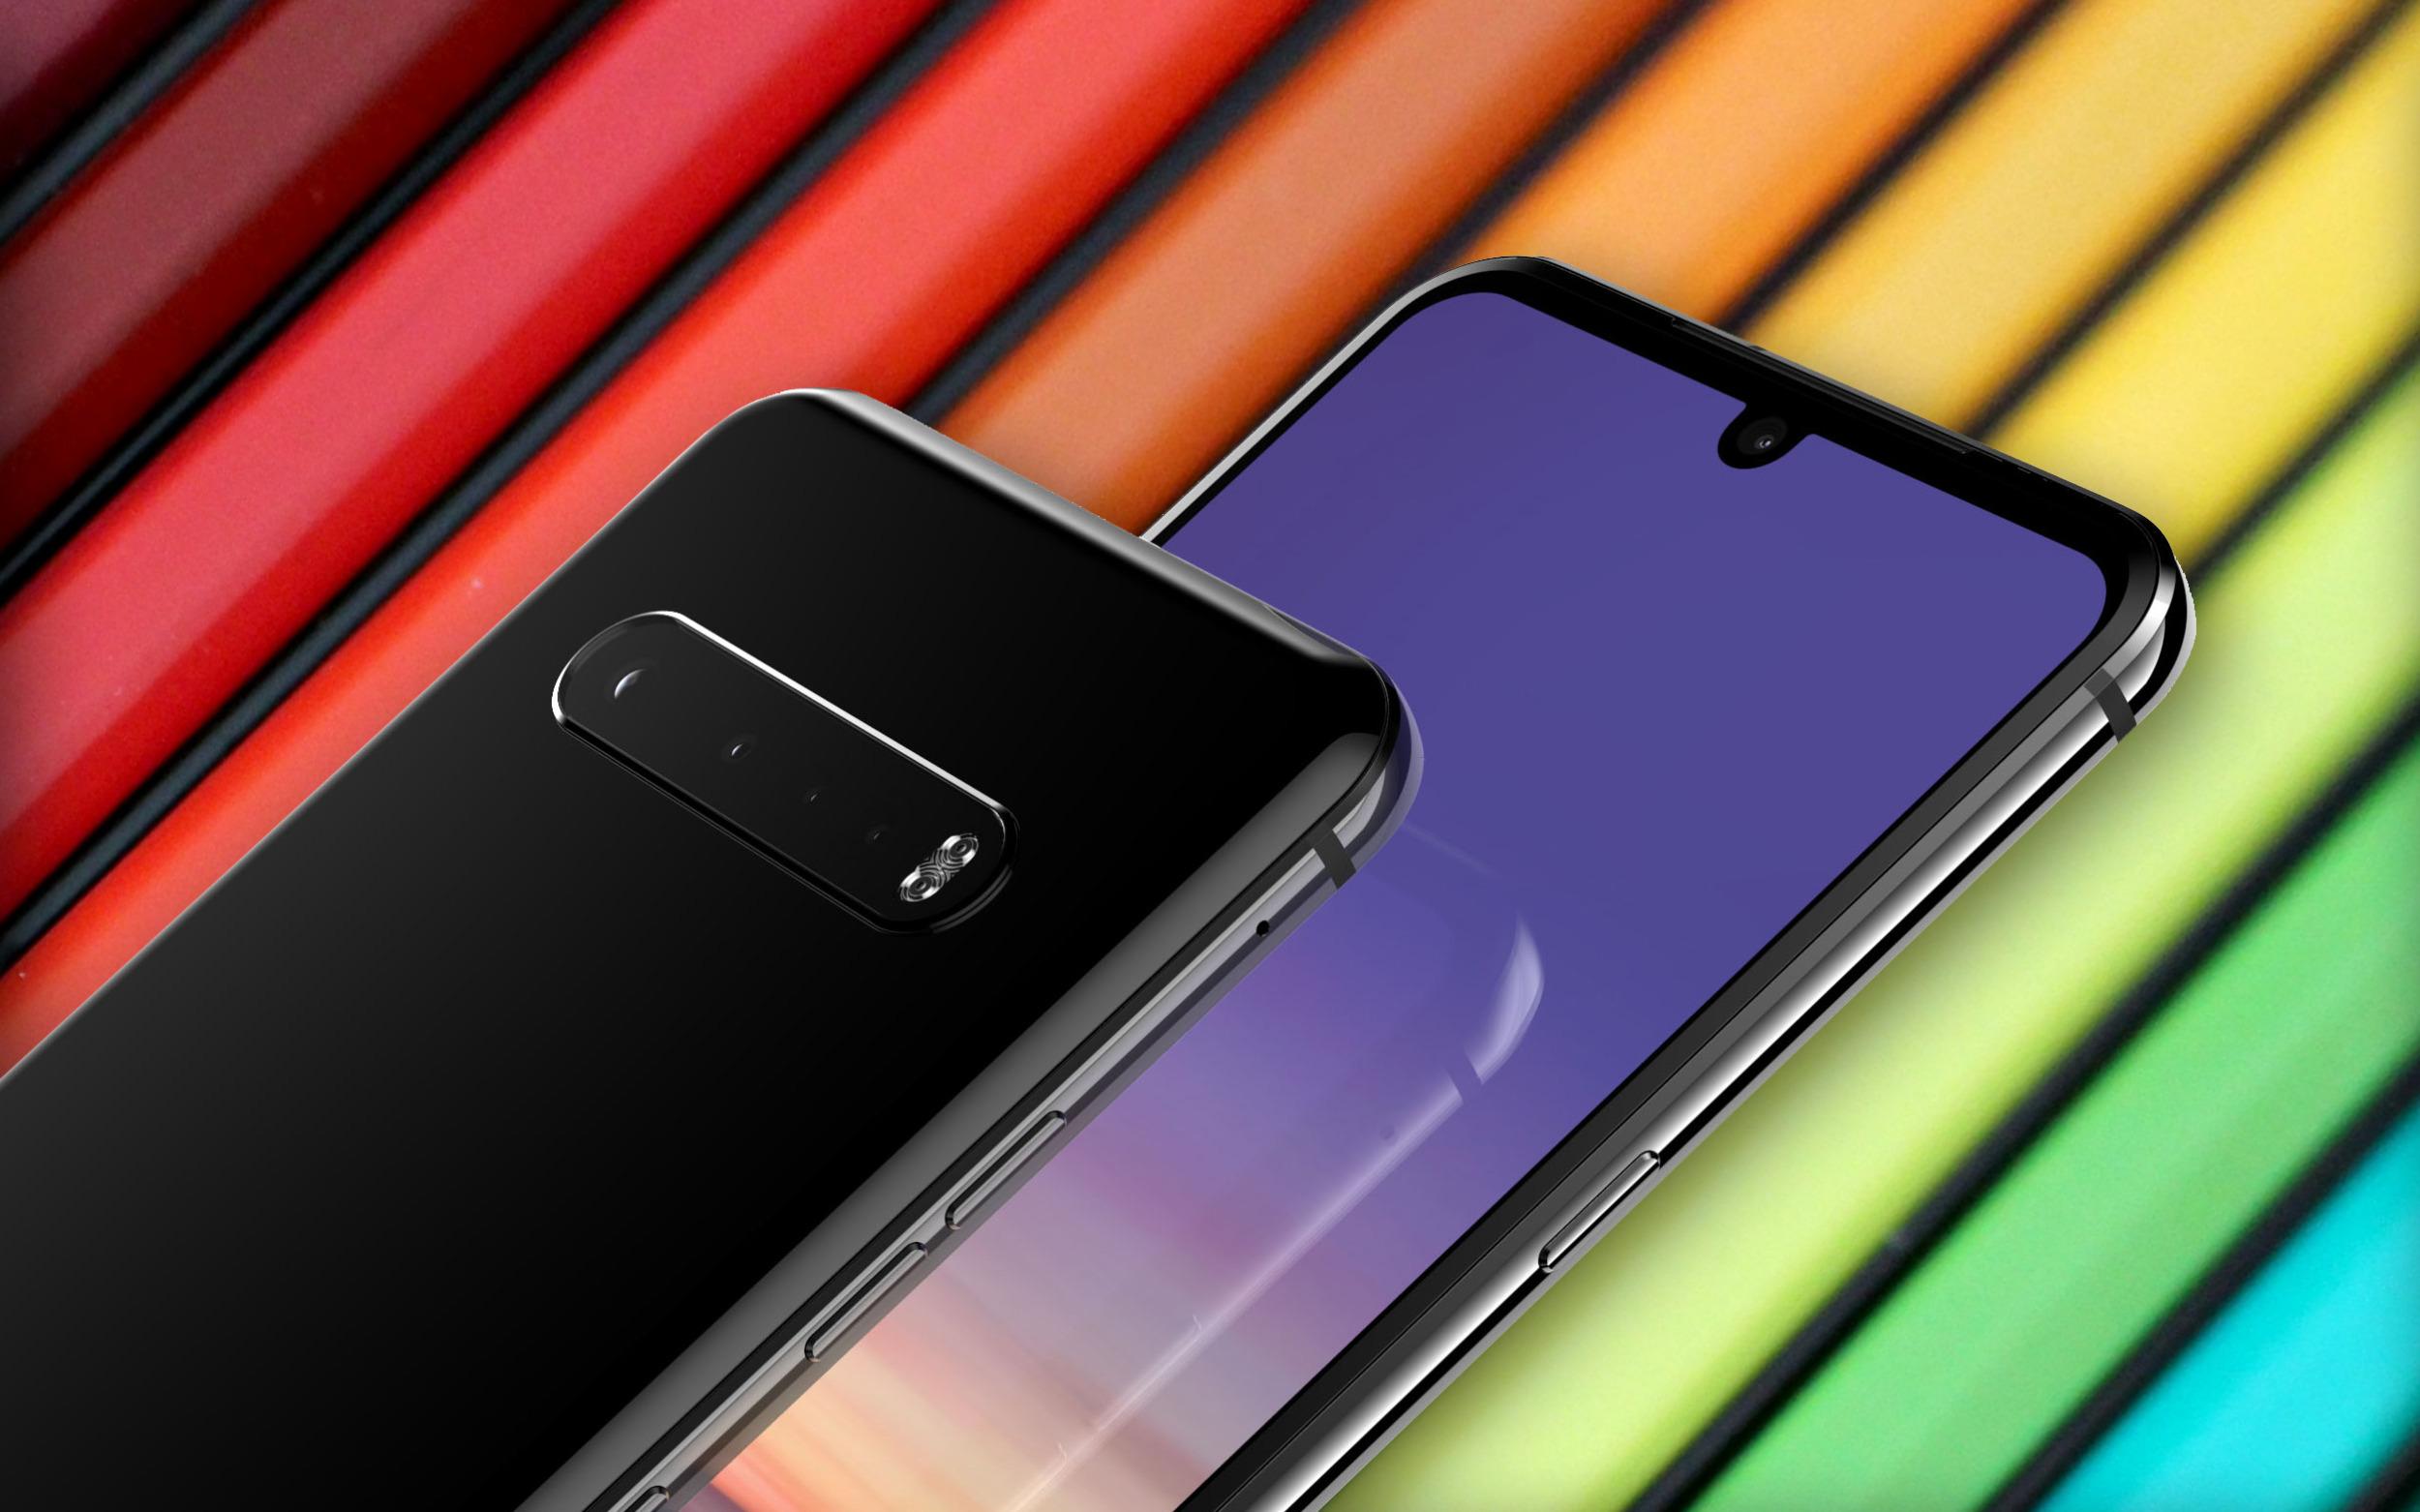 LG si nepohlídalo očekávaný model G9